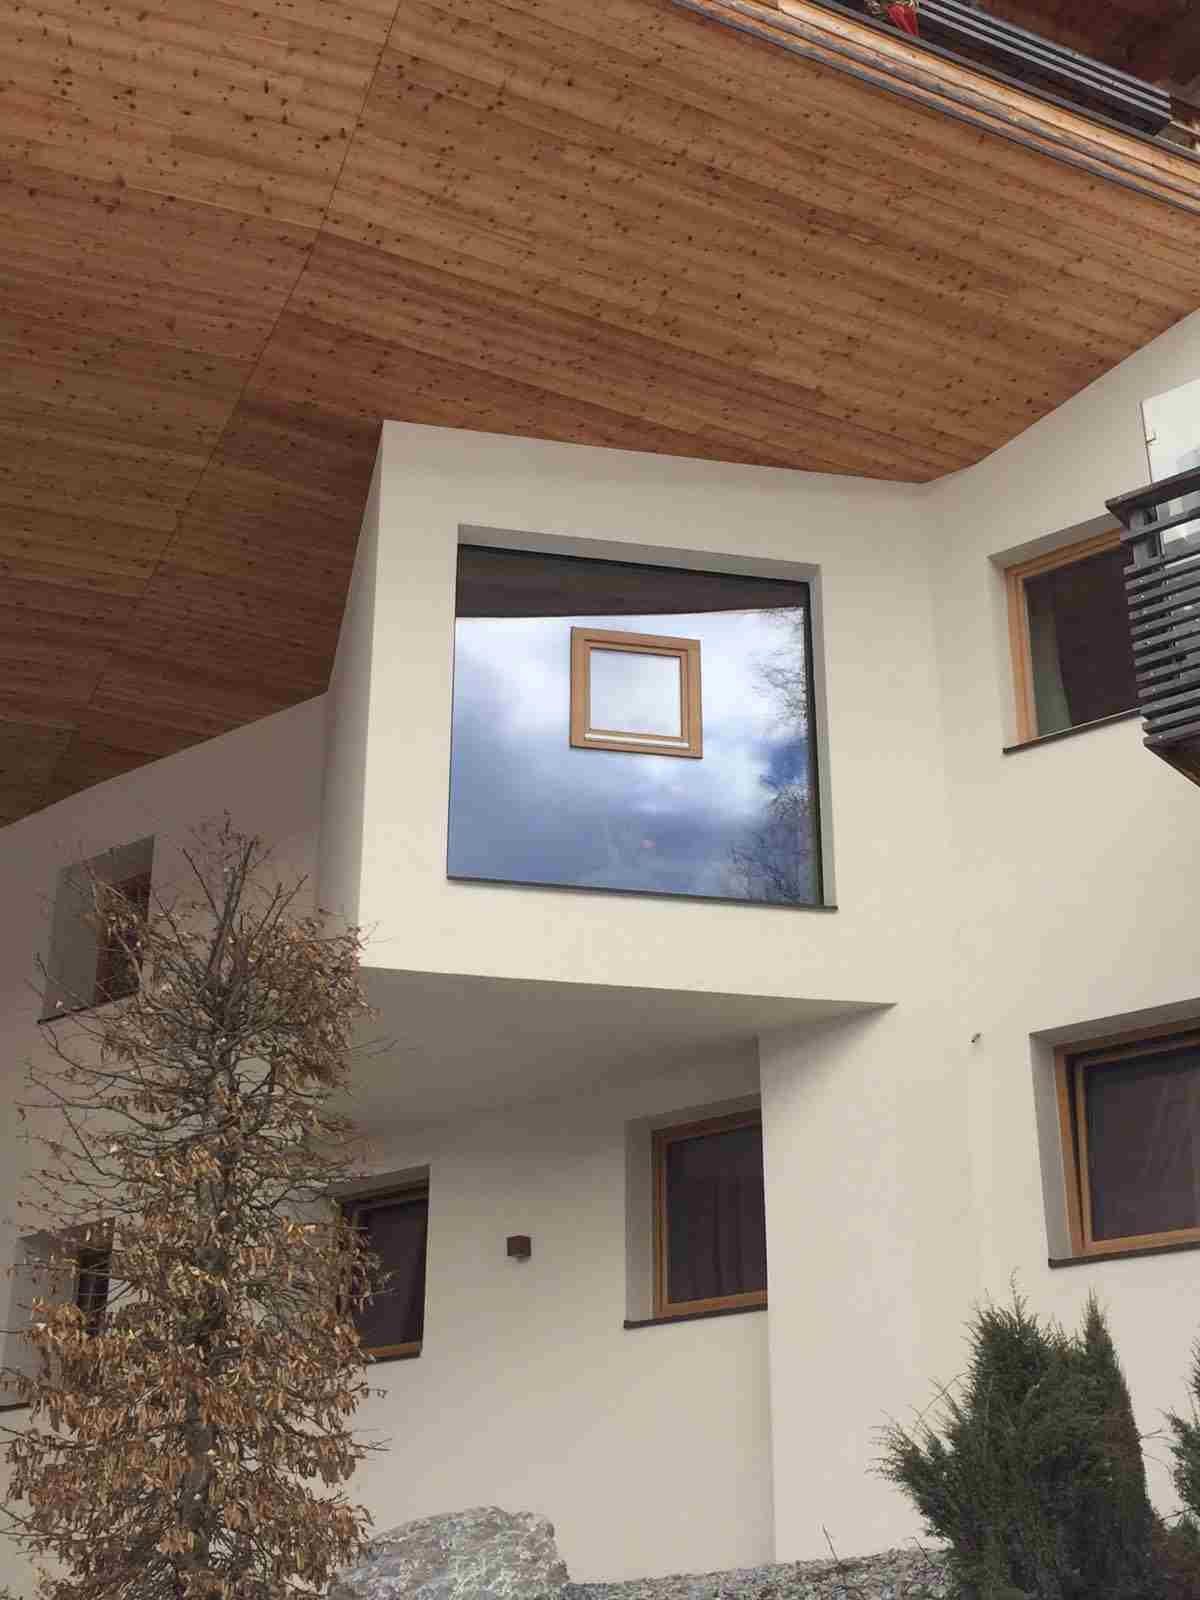 Ein fliegendes Fenster an einem modernen Haus.